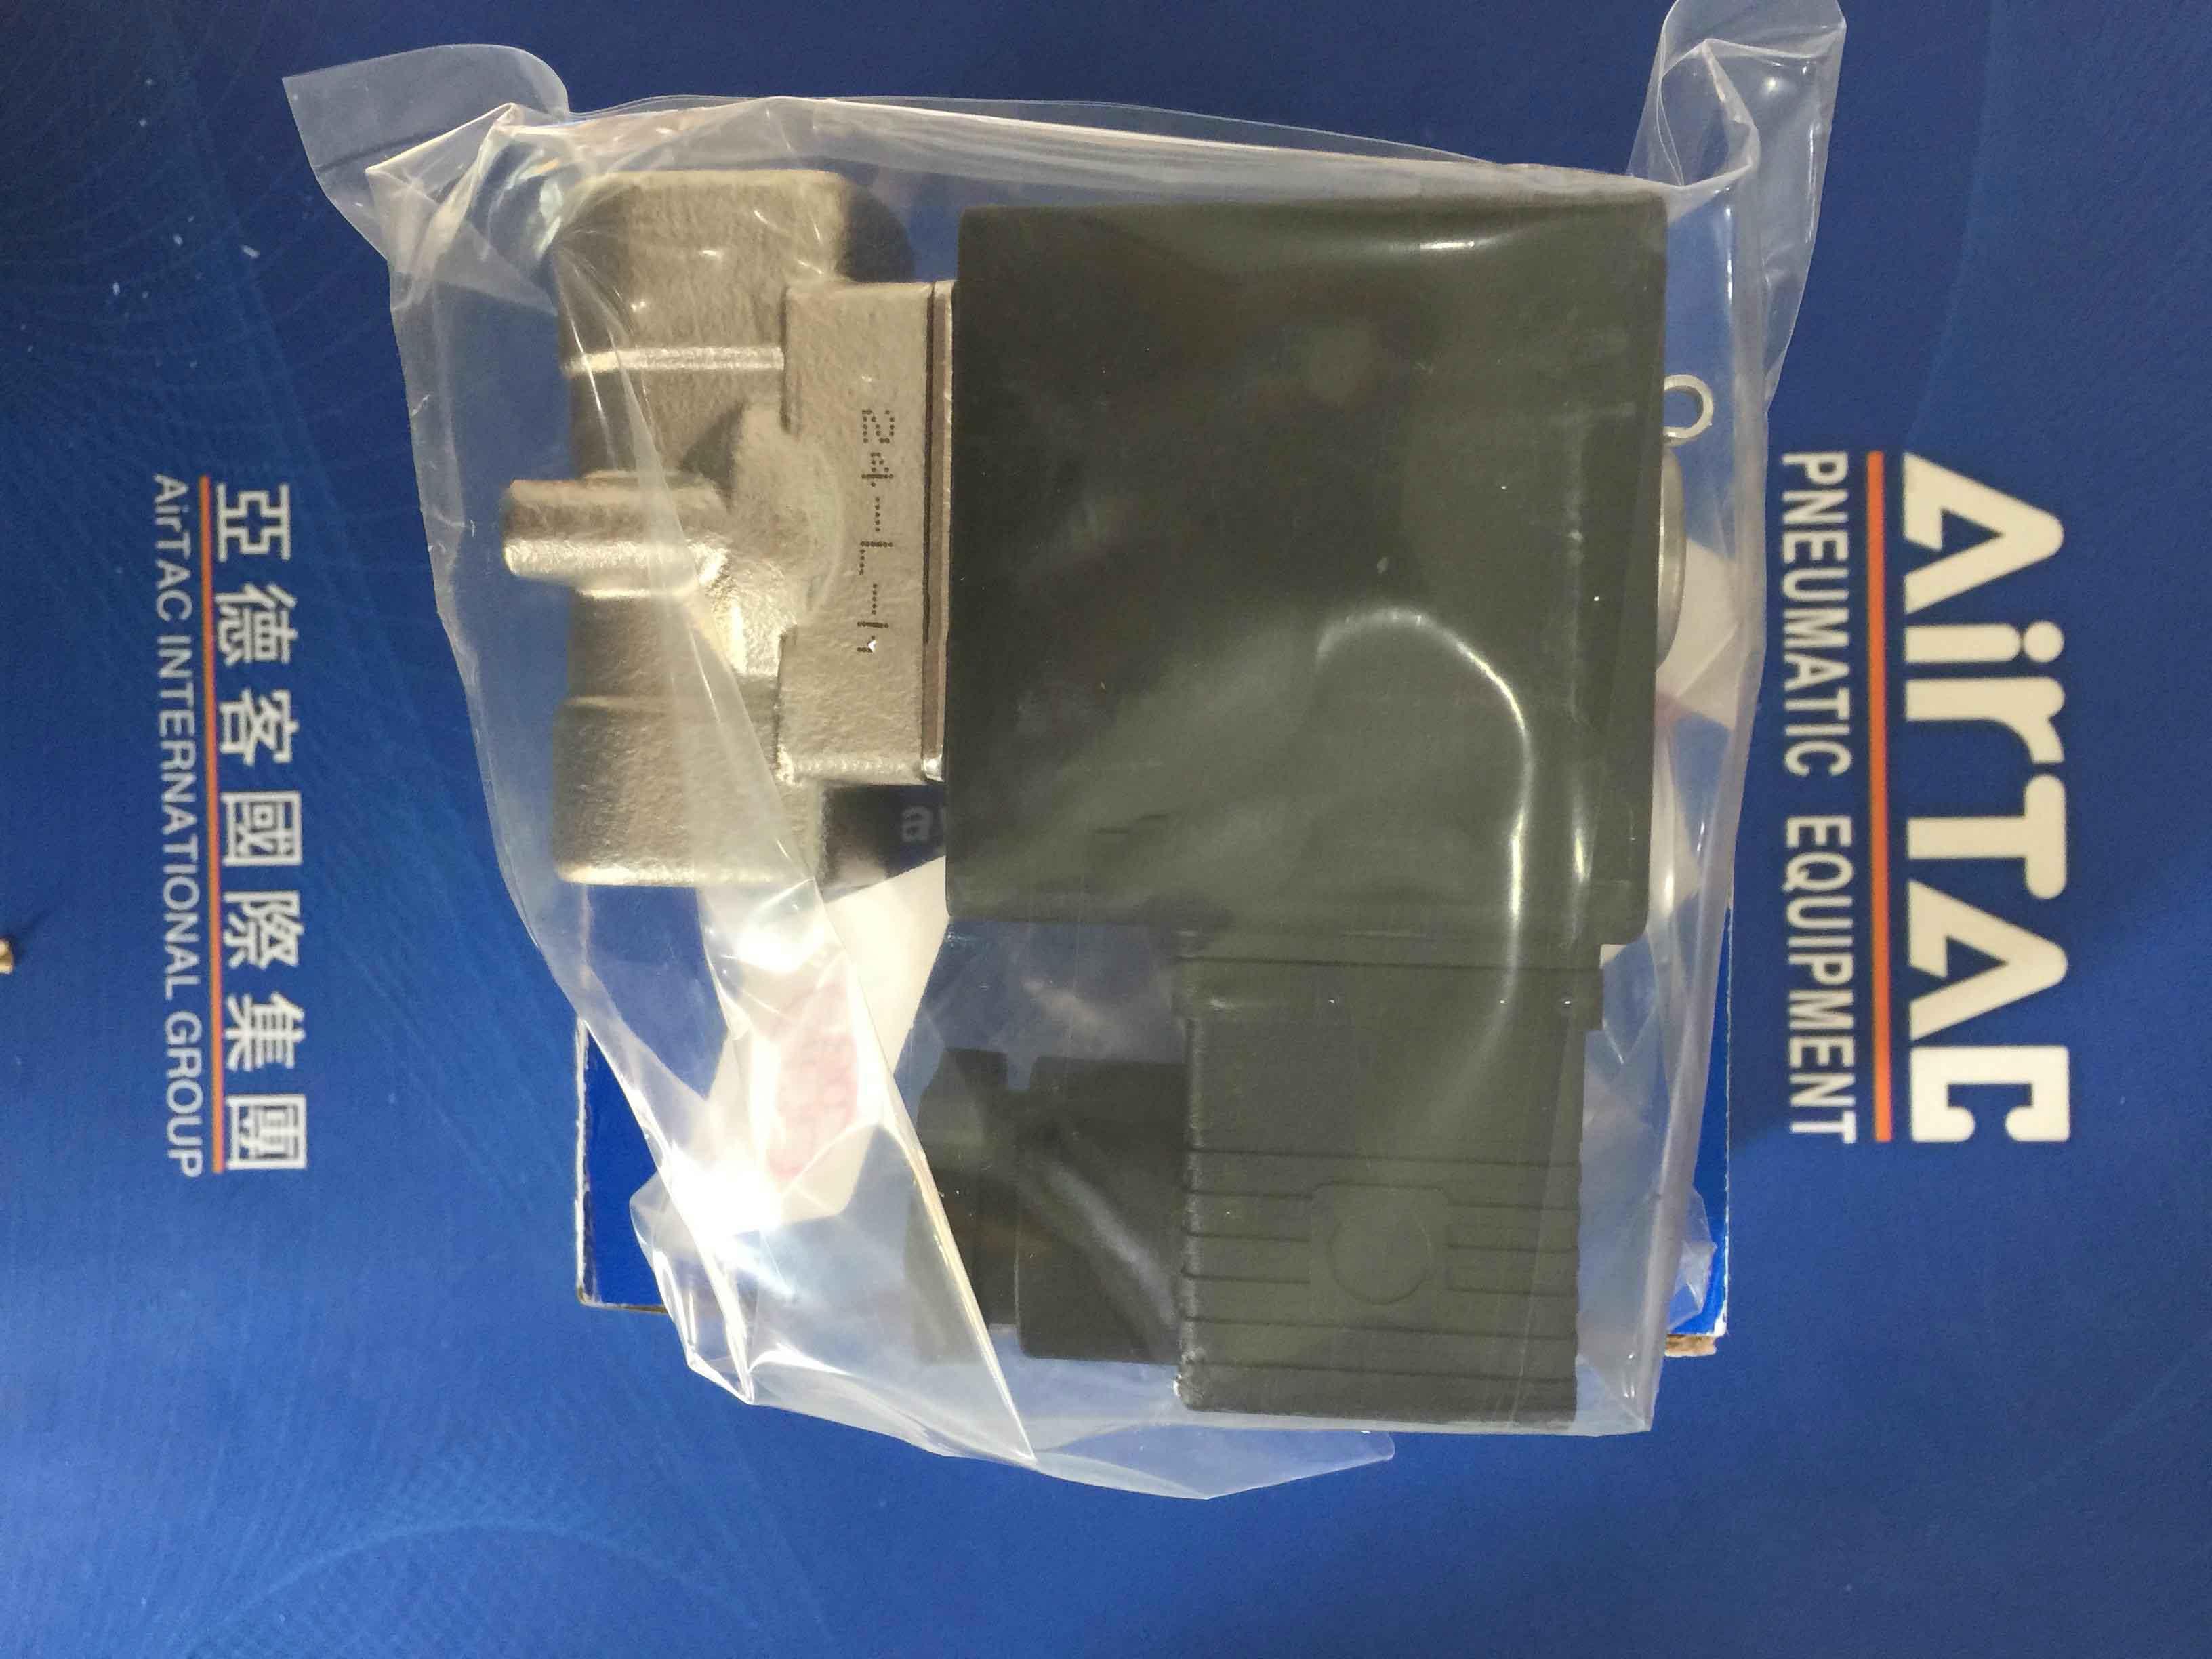 Edelstahl - Al - passagiere AIRTAC normalerweise dampf magnetventil 2KL050-102KL050-15